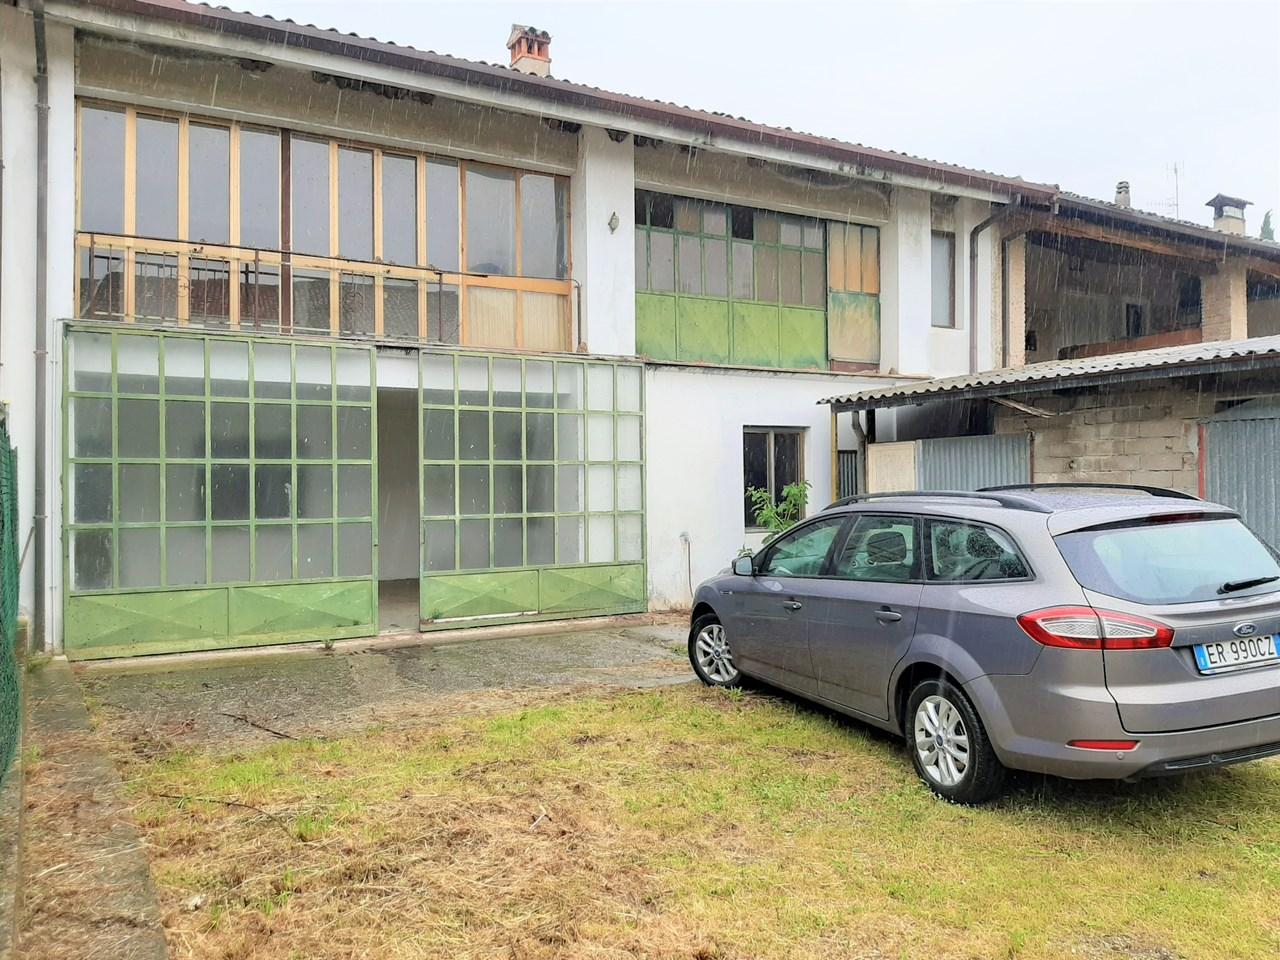 Rustico / Casale in vendita a Bedizzole, 10 locali, prezzo € 230.000   PortaleAgenzieImmobiliari.it